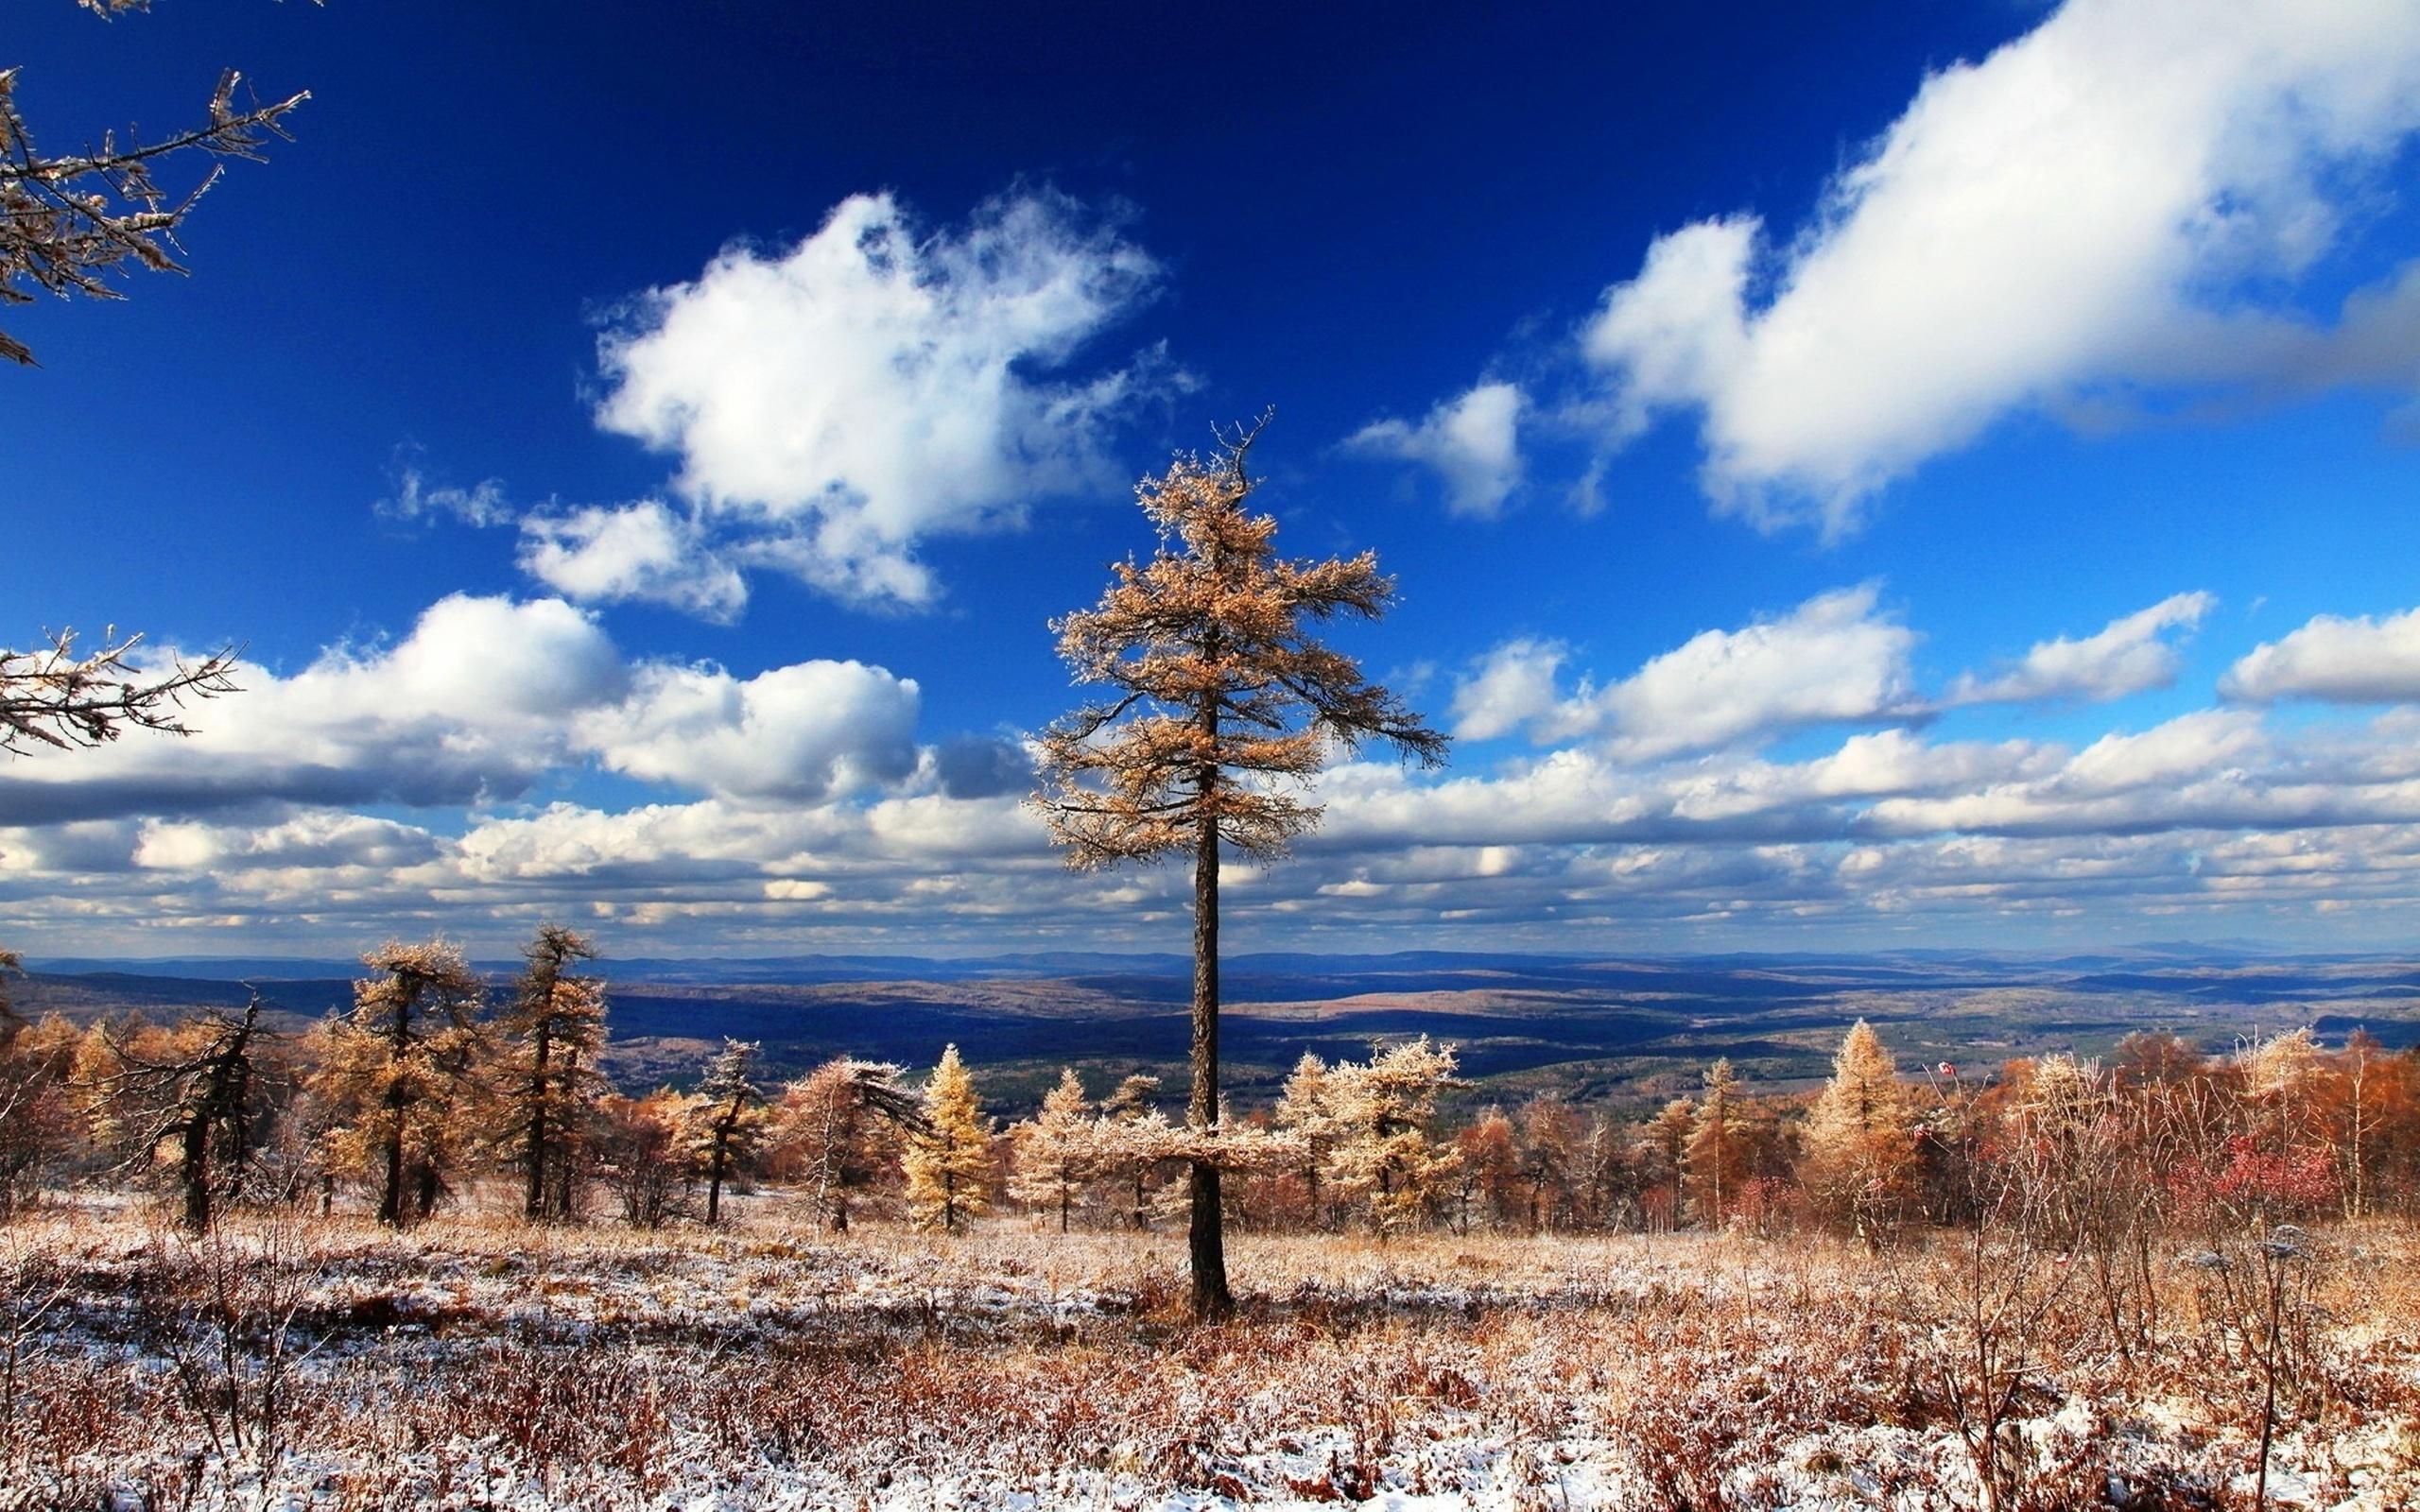 облака, горизонт, деревья, земля, припорошенная снегом, начало зимы, небо, природа